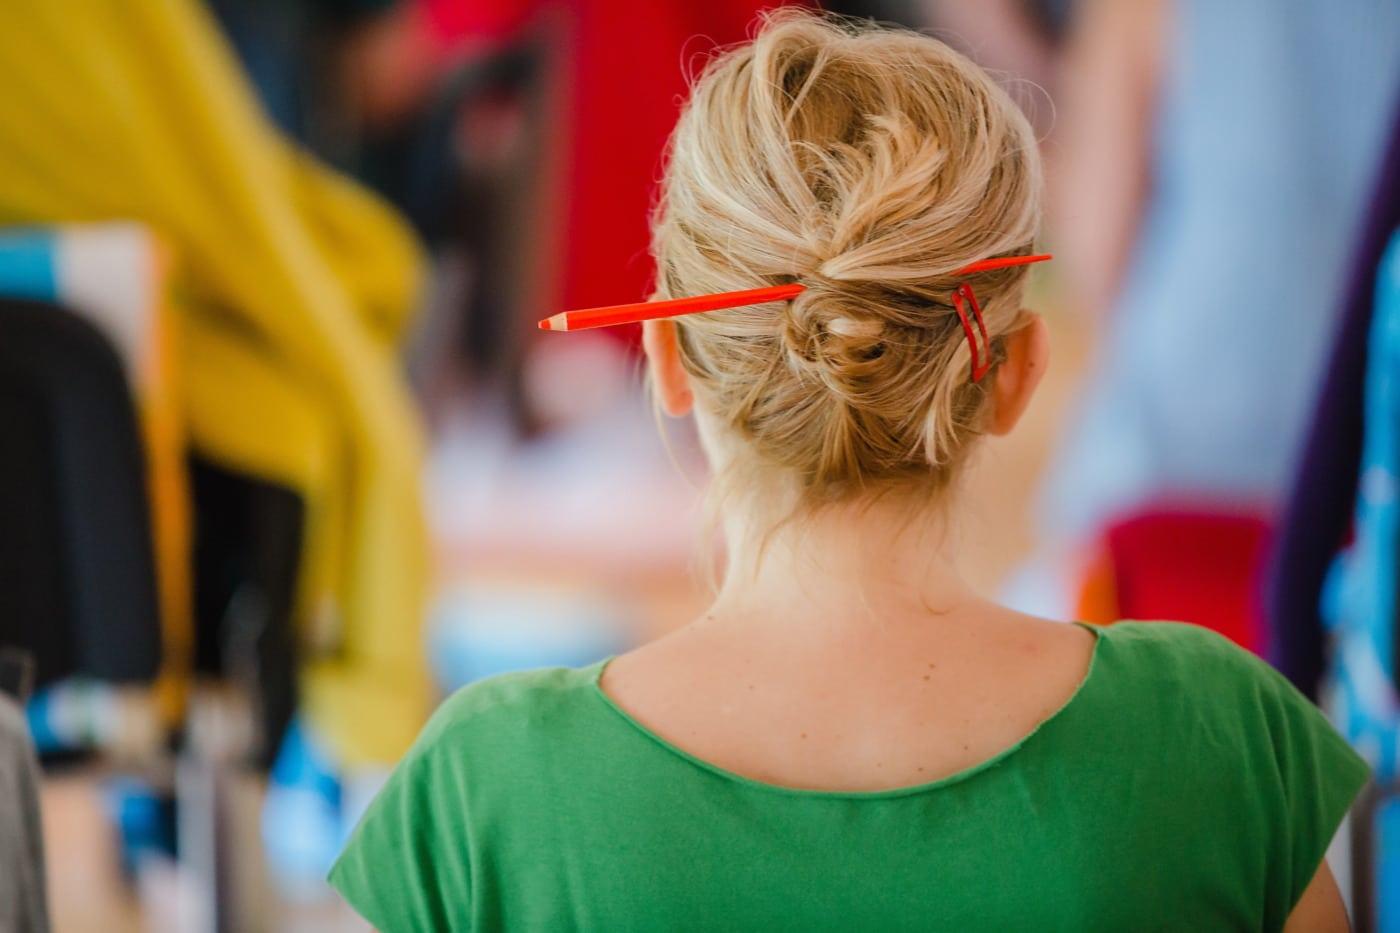 coiffure, coiffeur, cheveux blonds, blonde, cheveux, crayon, Portrait, gens, femme, jeune fille